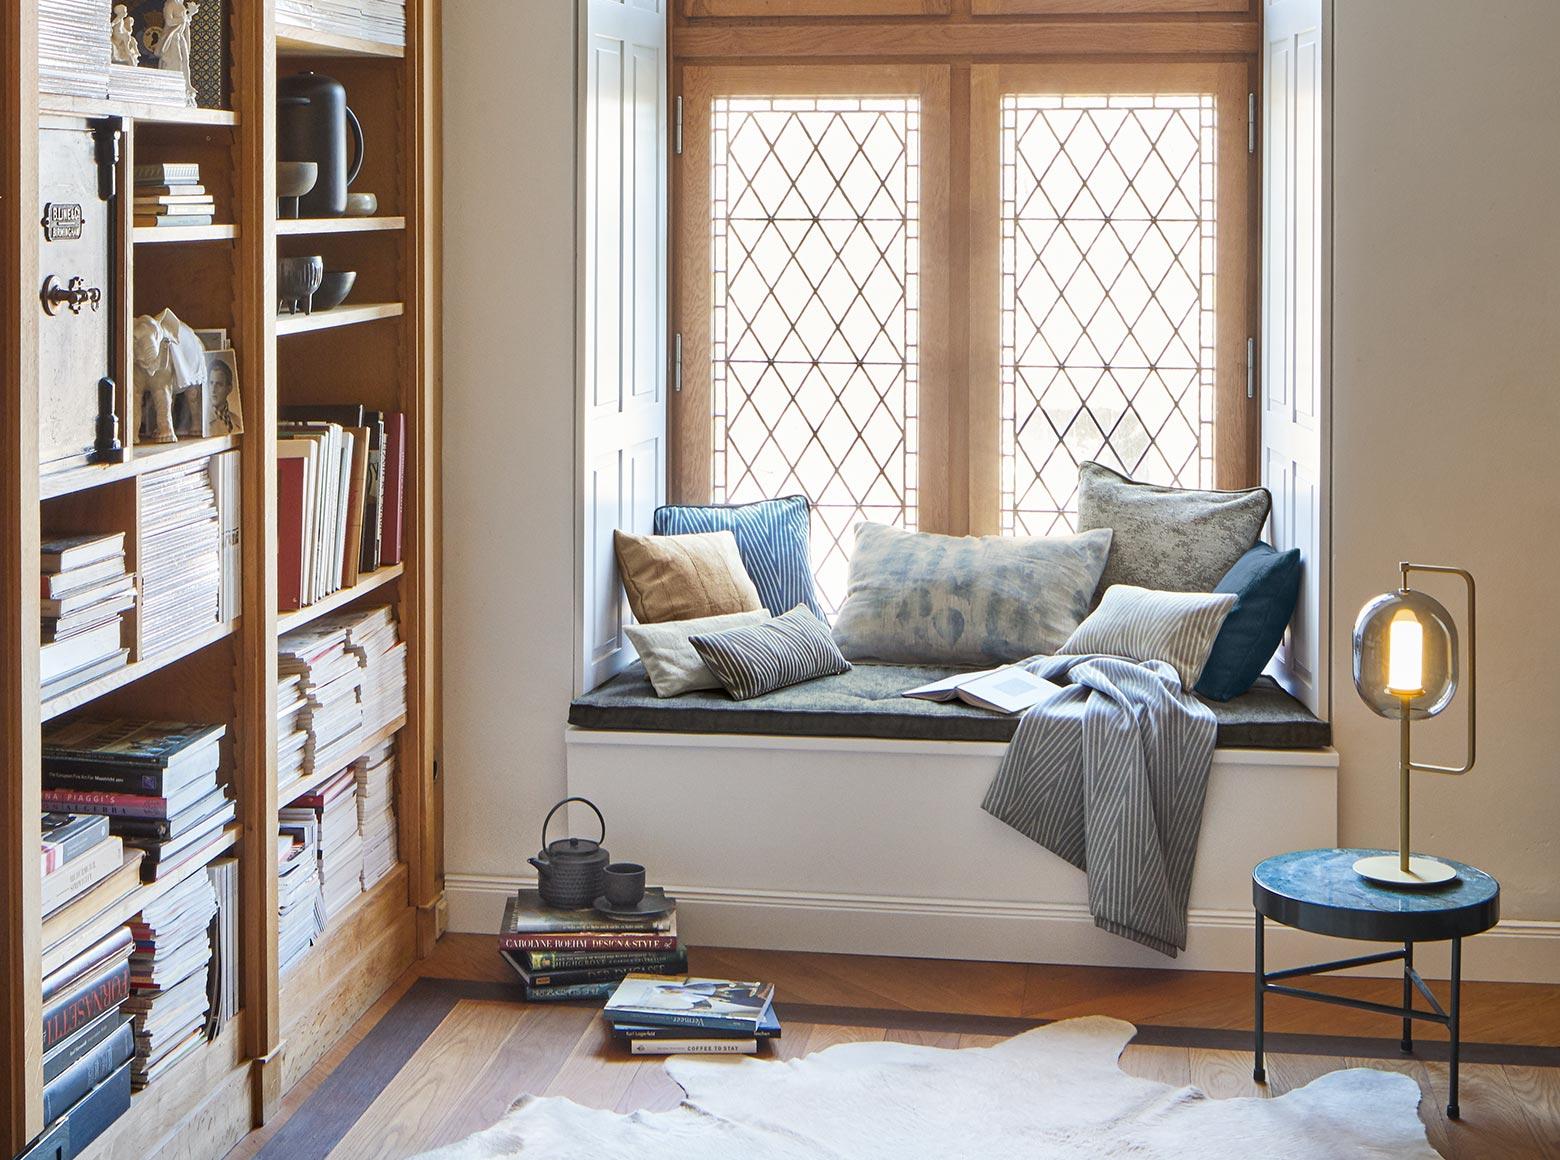 Eine gemütliche Ecke mit Plaids und Kissen um in Ruhe ein Buch oder die Zeitung zu lesen.